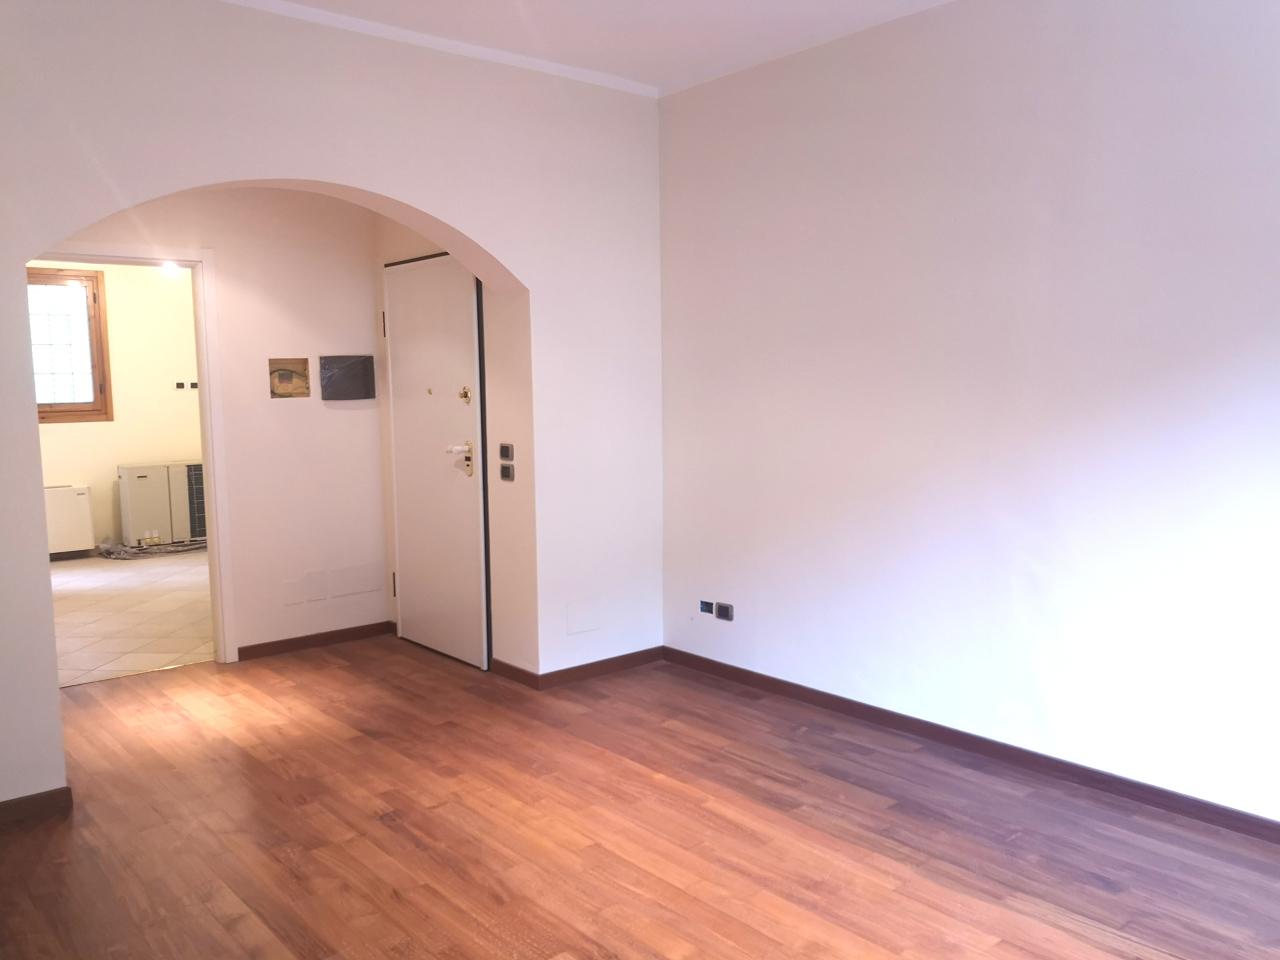 Appartamento in vendita a Londa, 4 locali, prezzo € 130.000 | PortaleAgenzieImmobiliari.it